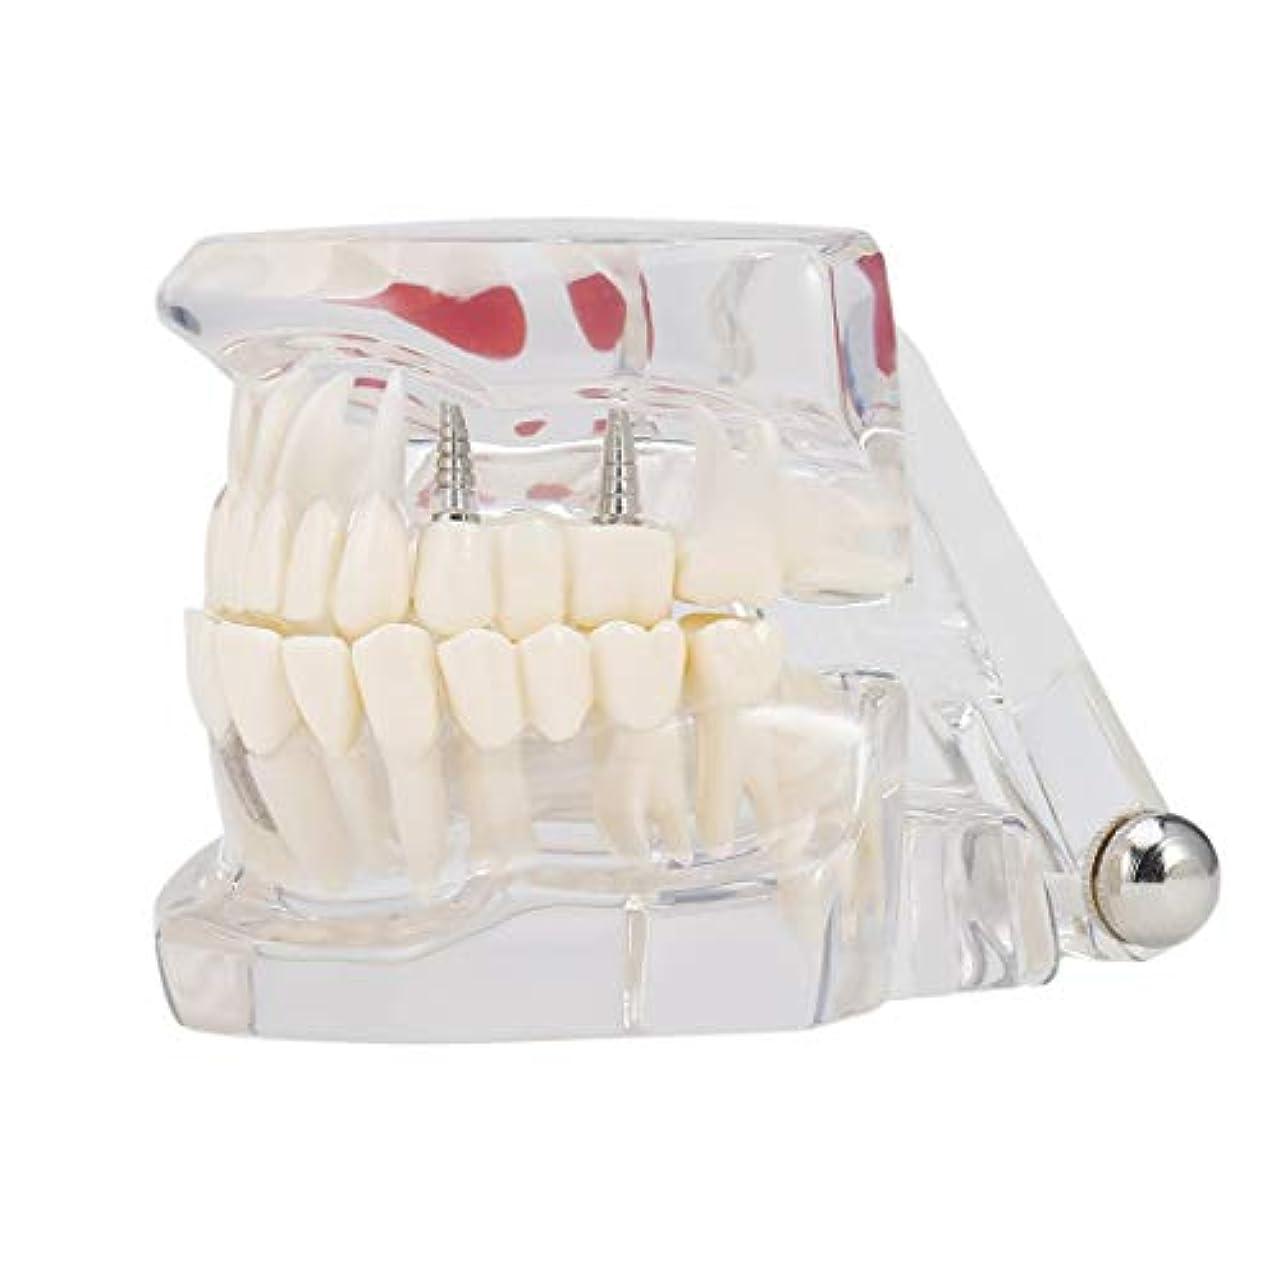 反逆商業の手のひら専門の取り外し可能な偽の歯の歯の病気のモルデルの歯科インプラント回復表示医院の病院の教育使用 (色:黒) (PandaW)